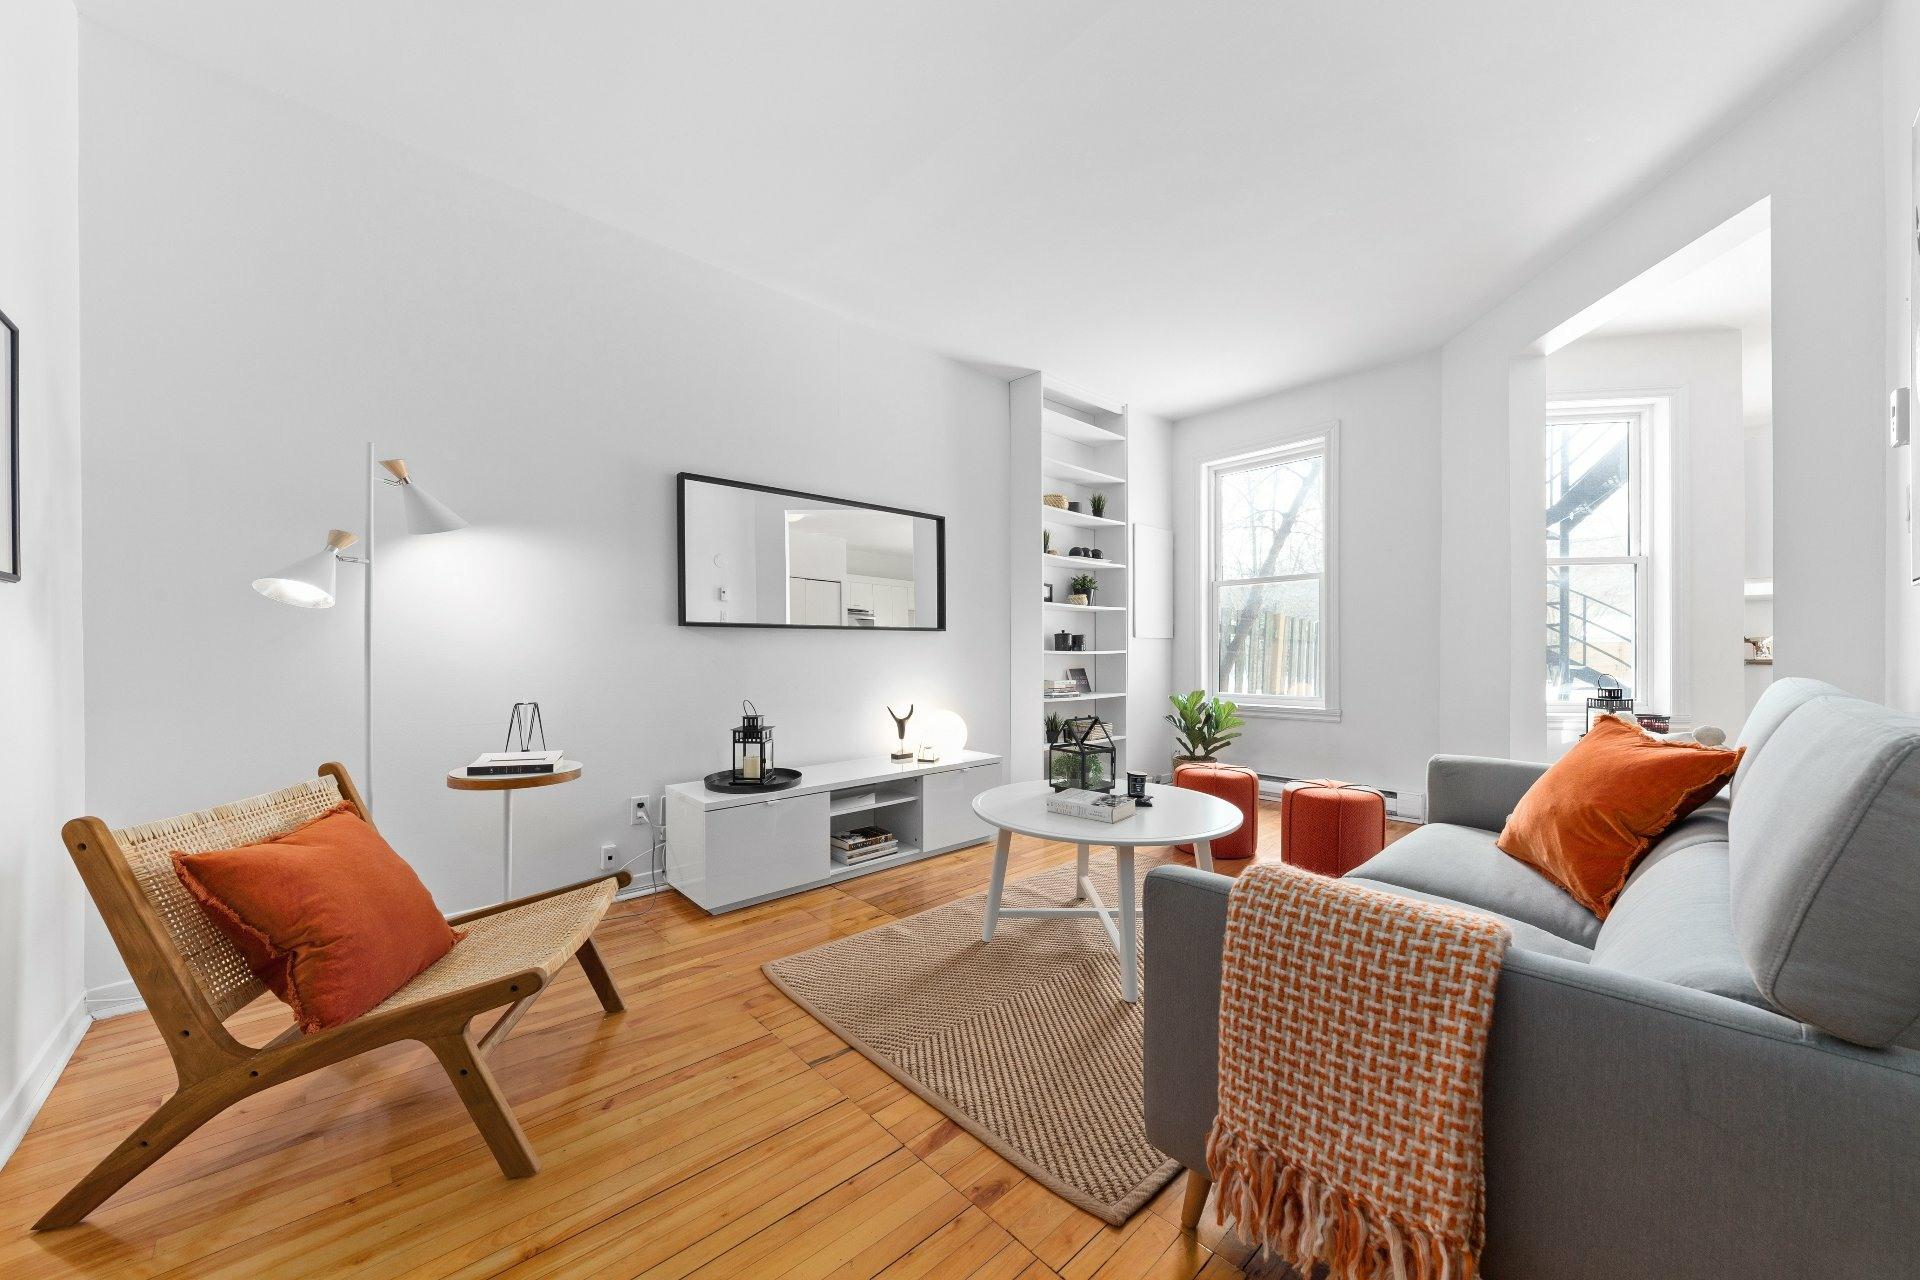 image 2 - Duplex For sale Le Plateau-Mont-Royal Montréal  - 5 rooms